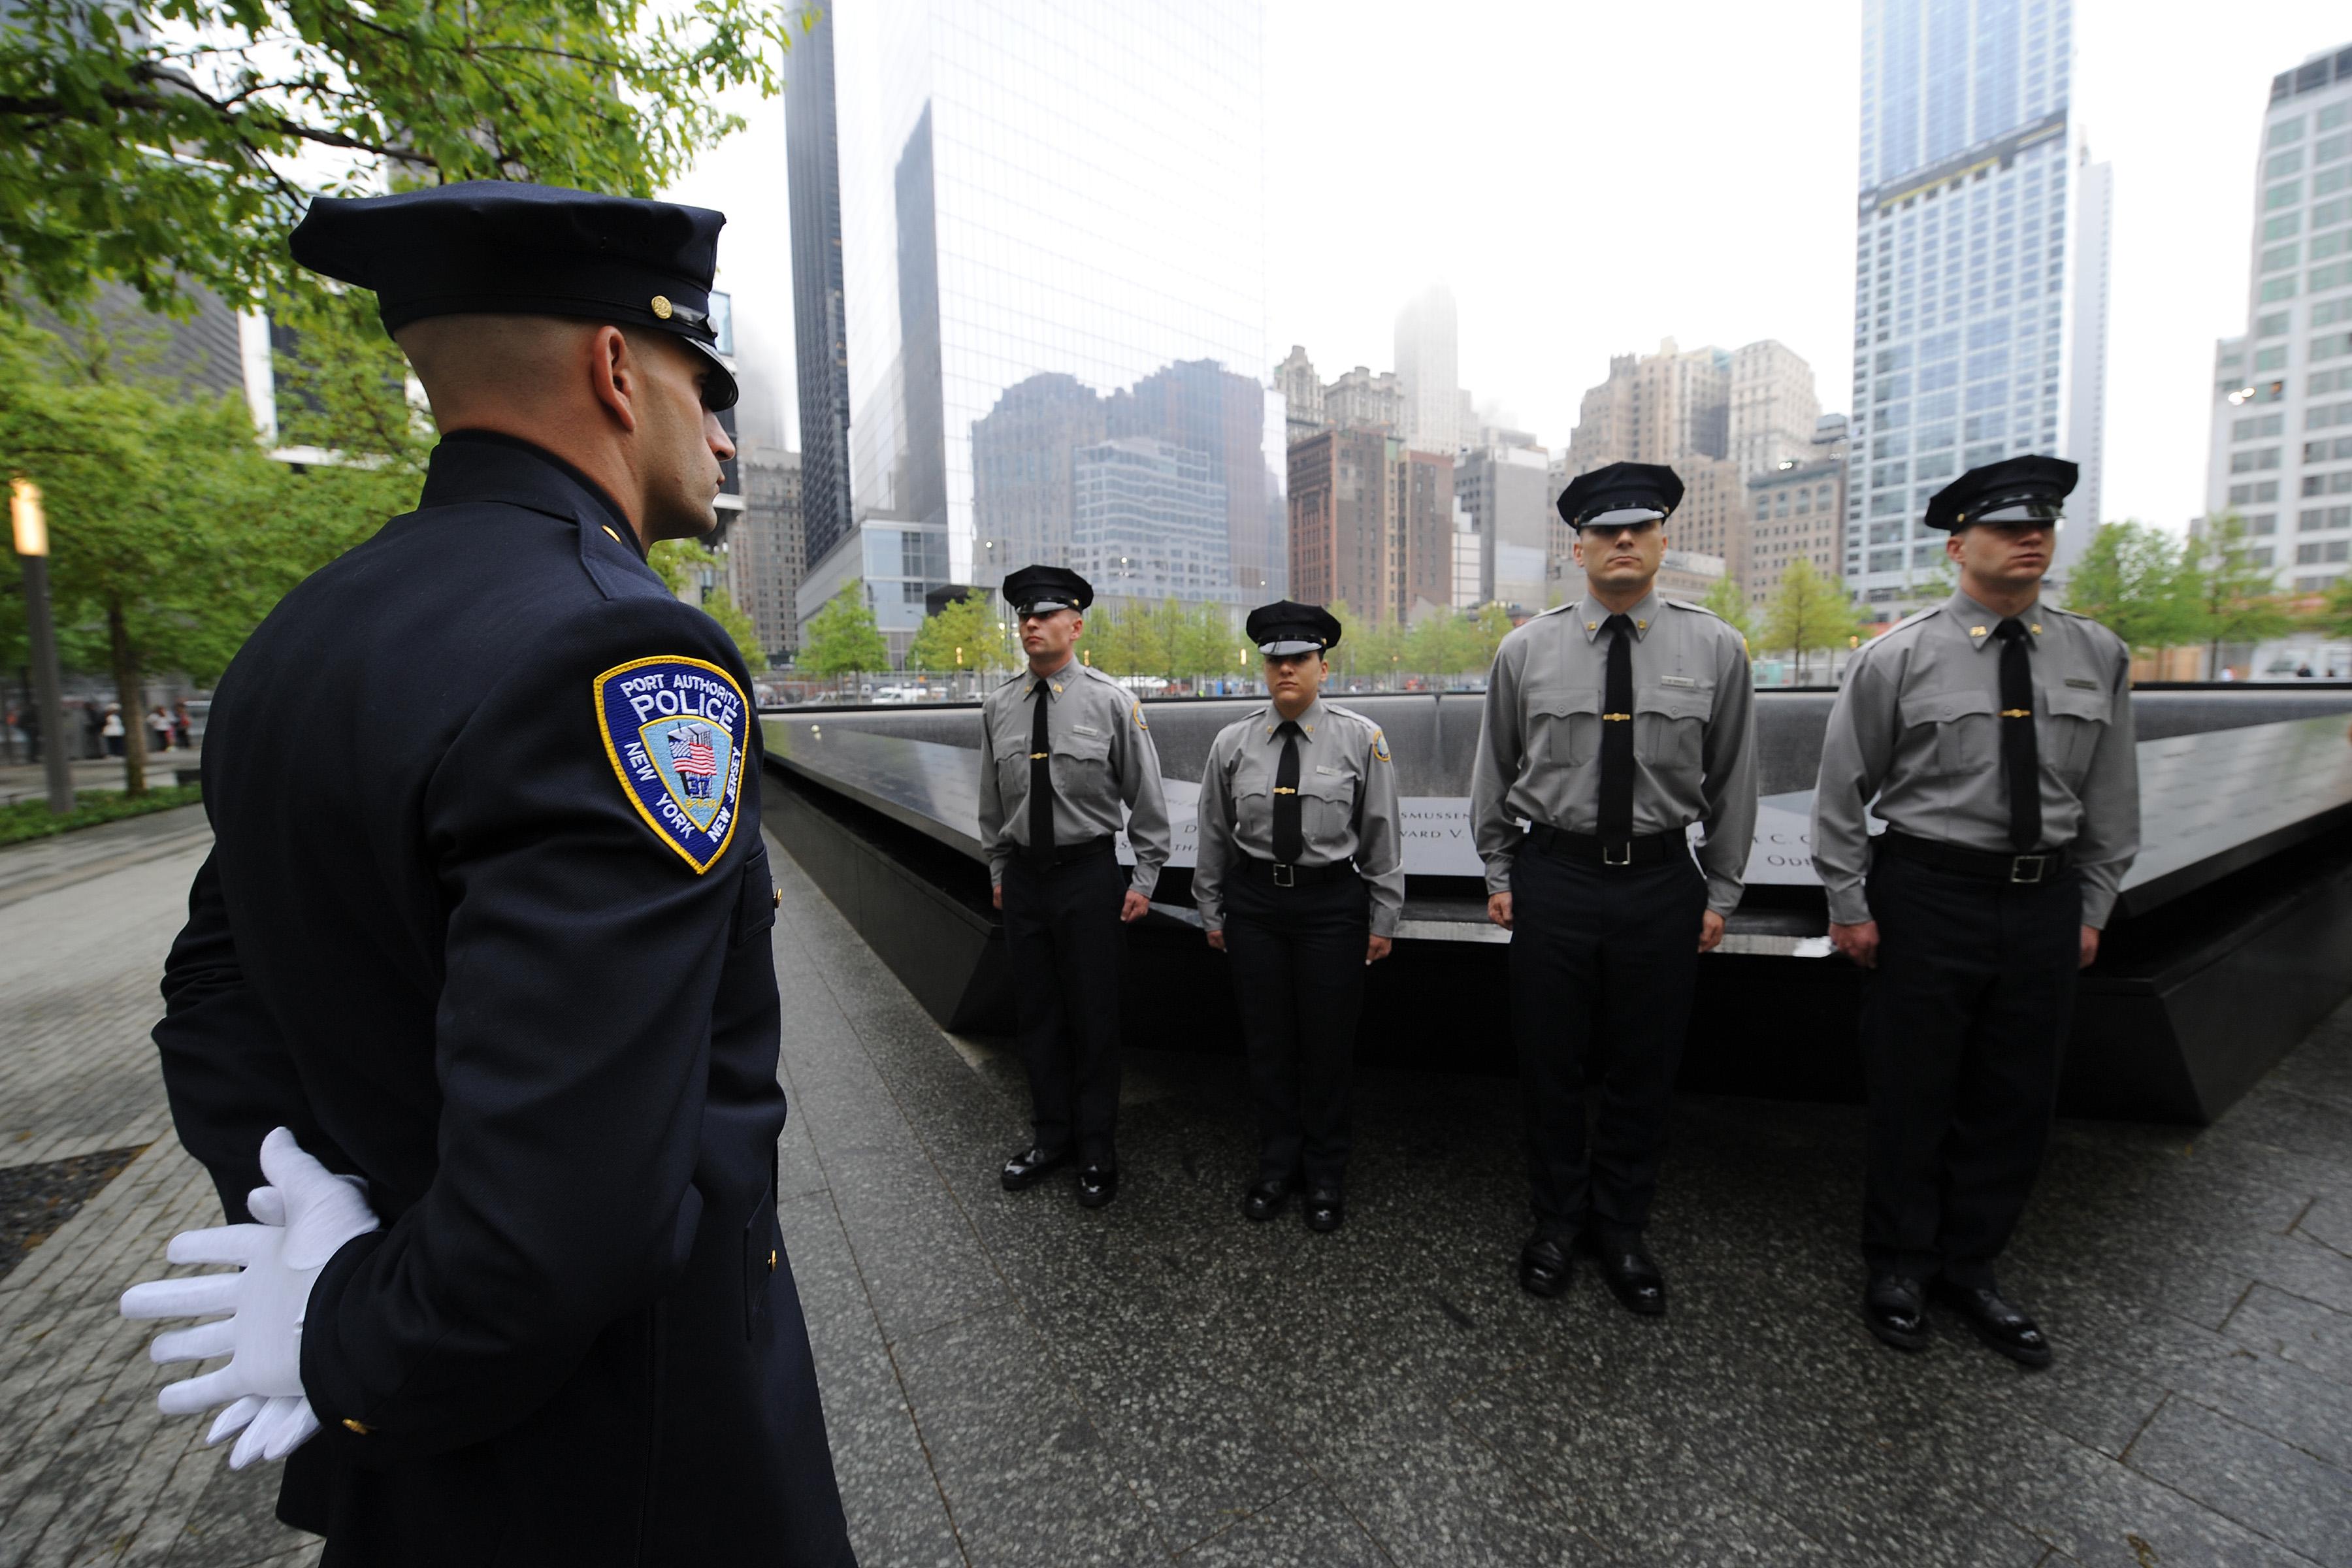 Armas de fuego, protagonistas de la última oleada de violencia que azota el barrio neoyorquino del Bronx